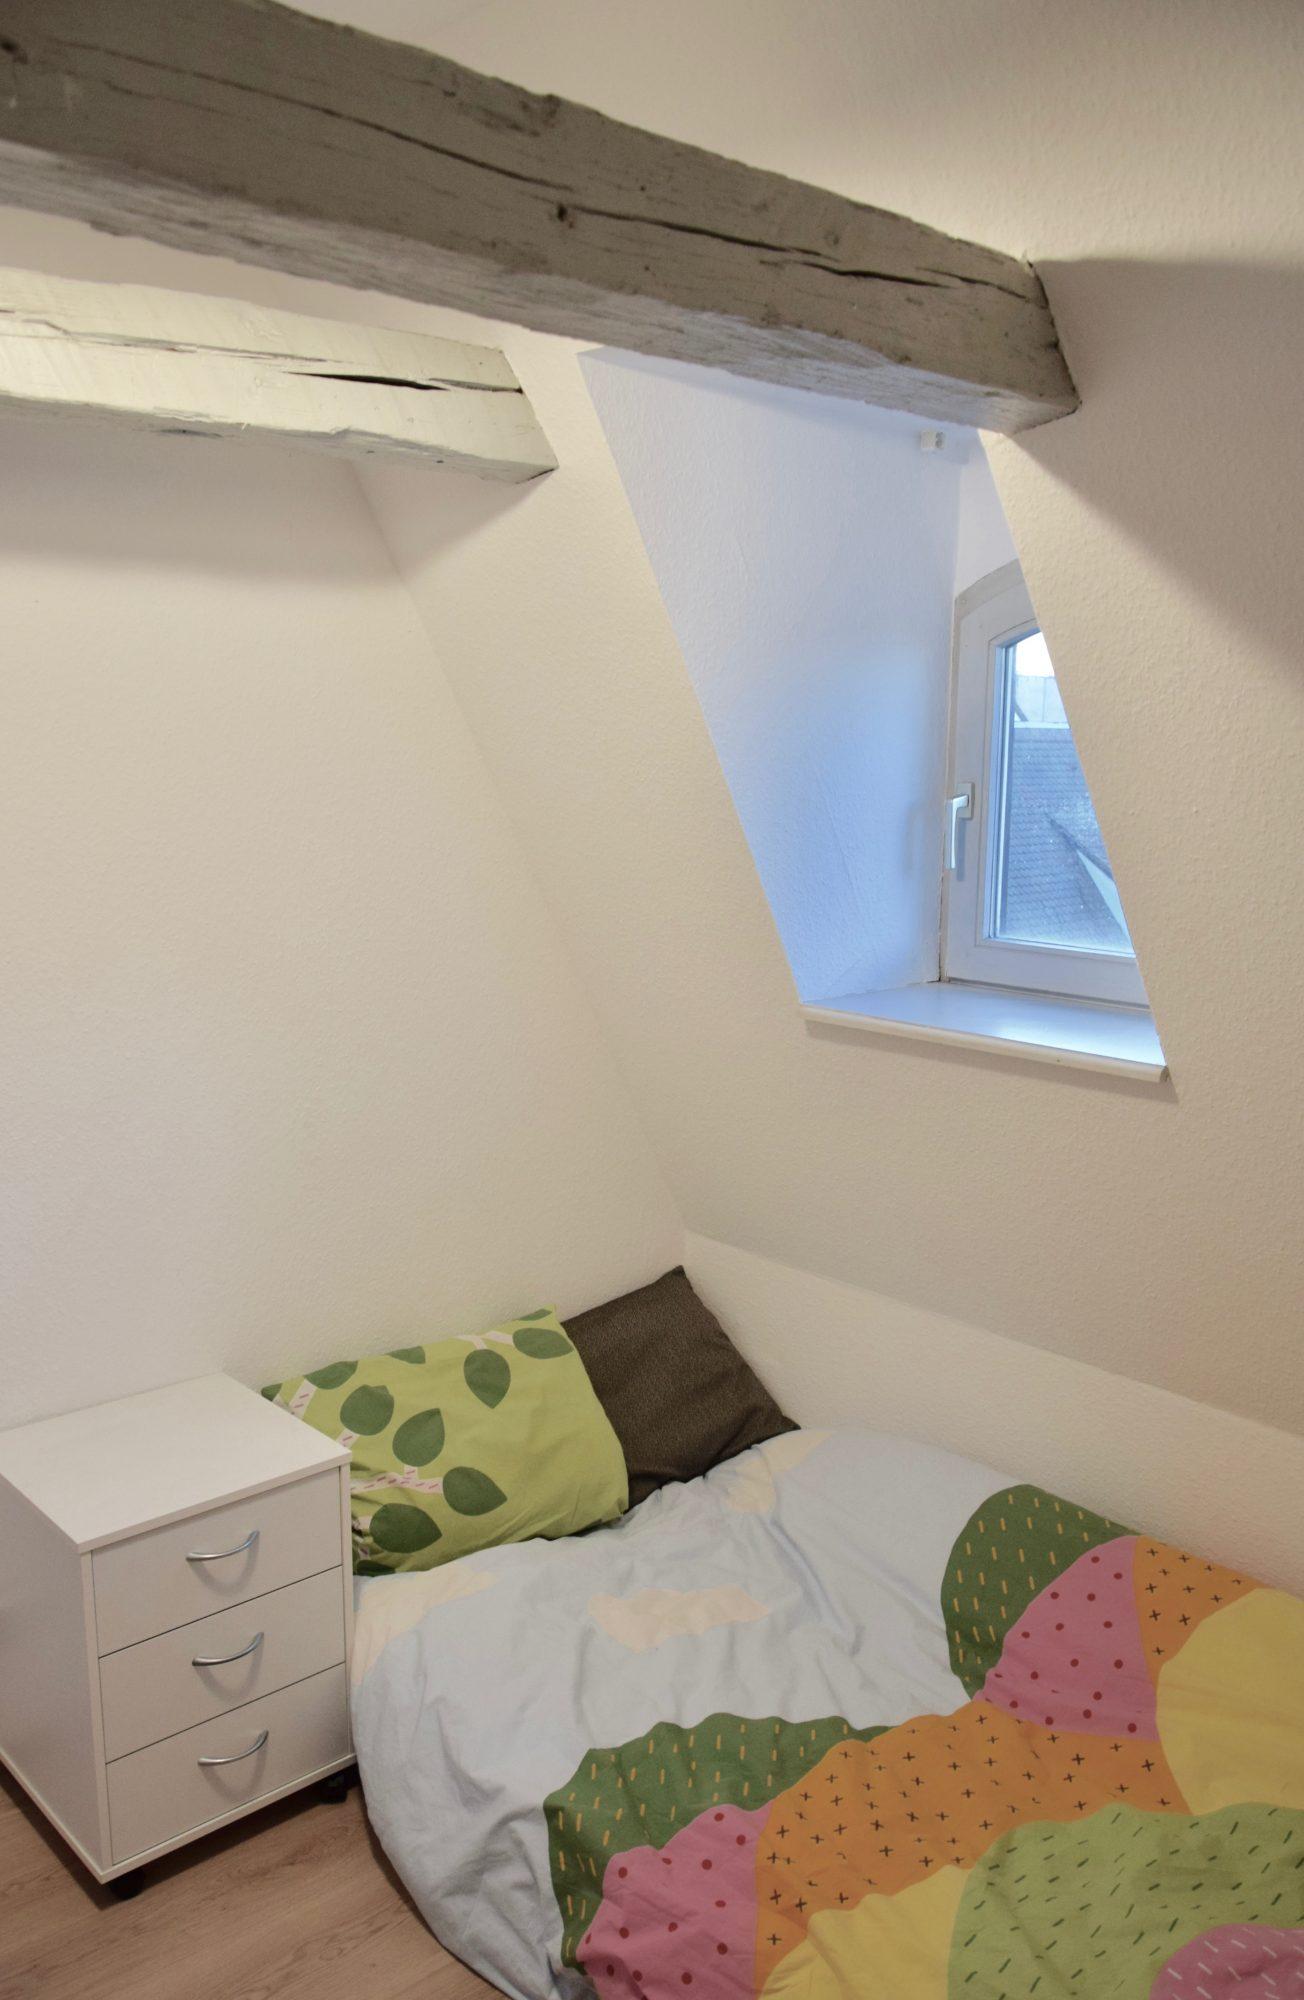 3 PIECES EN DUPLEX GRANDE ÎLE - Devenez locataire en toute sérénité - Bintz Immobilier - 7